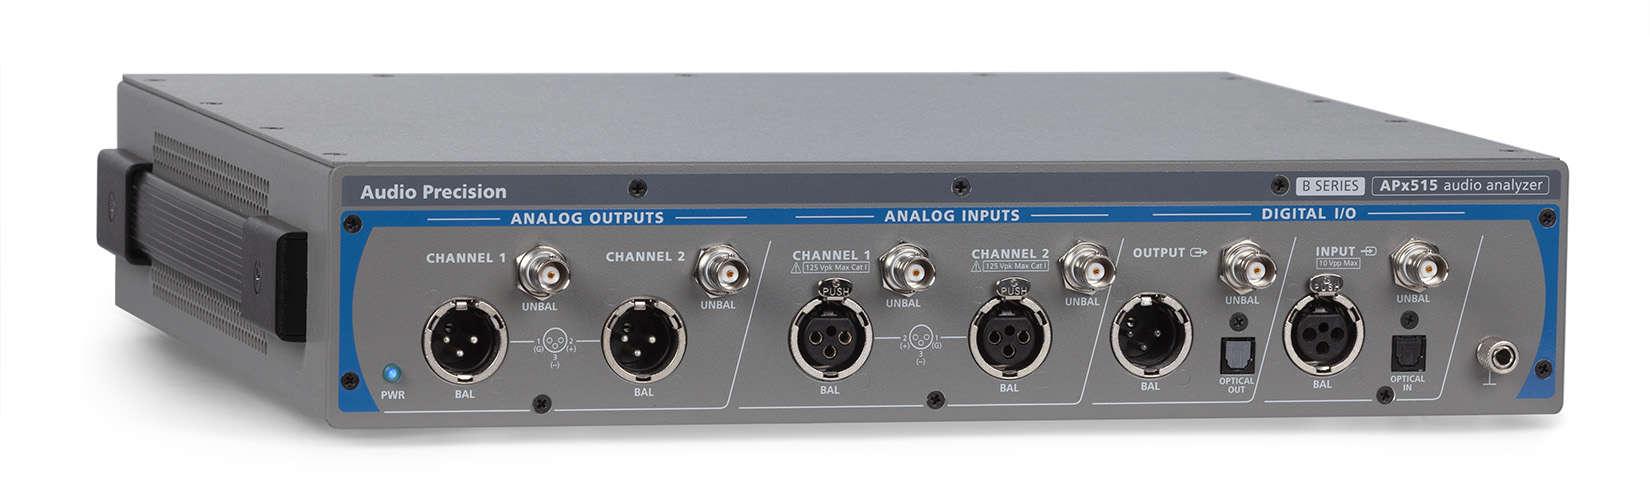 APx515 B Series Two-Channel Audio Analyzer